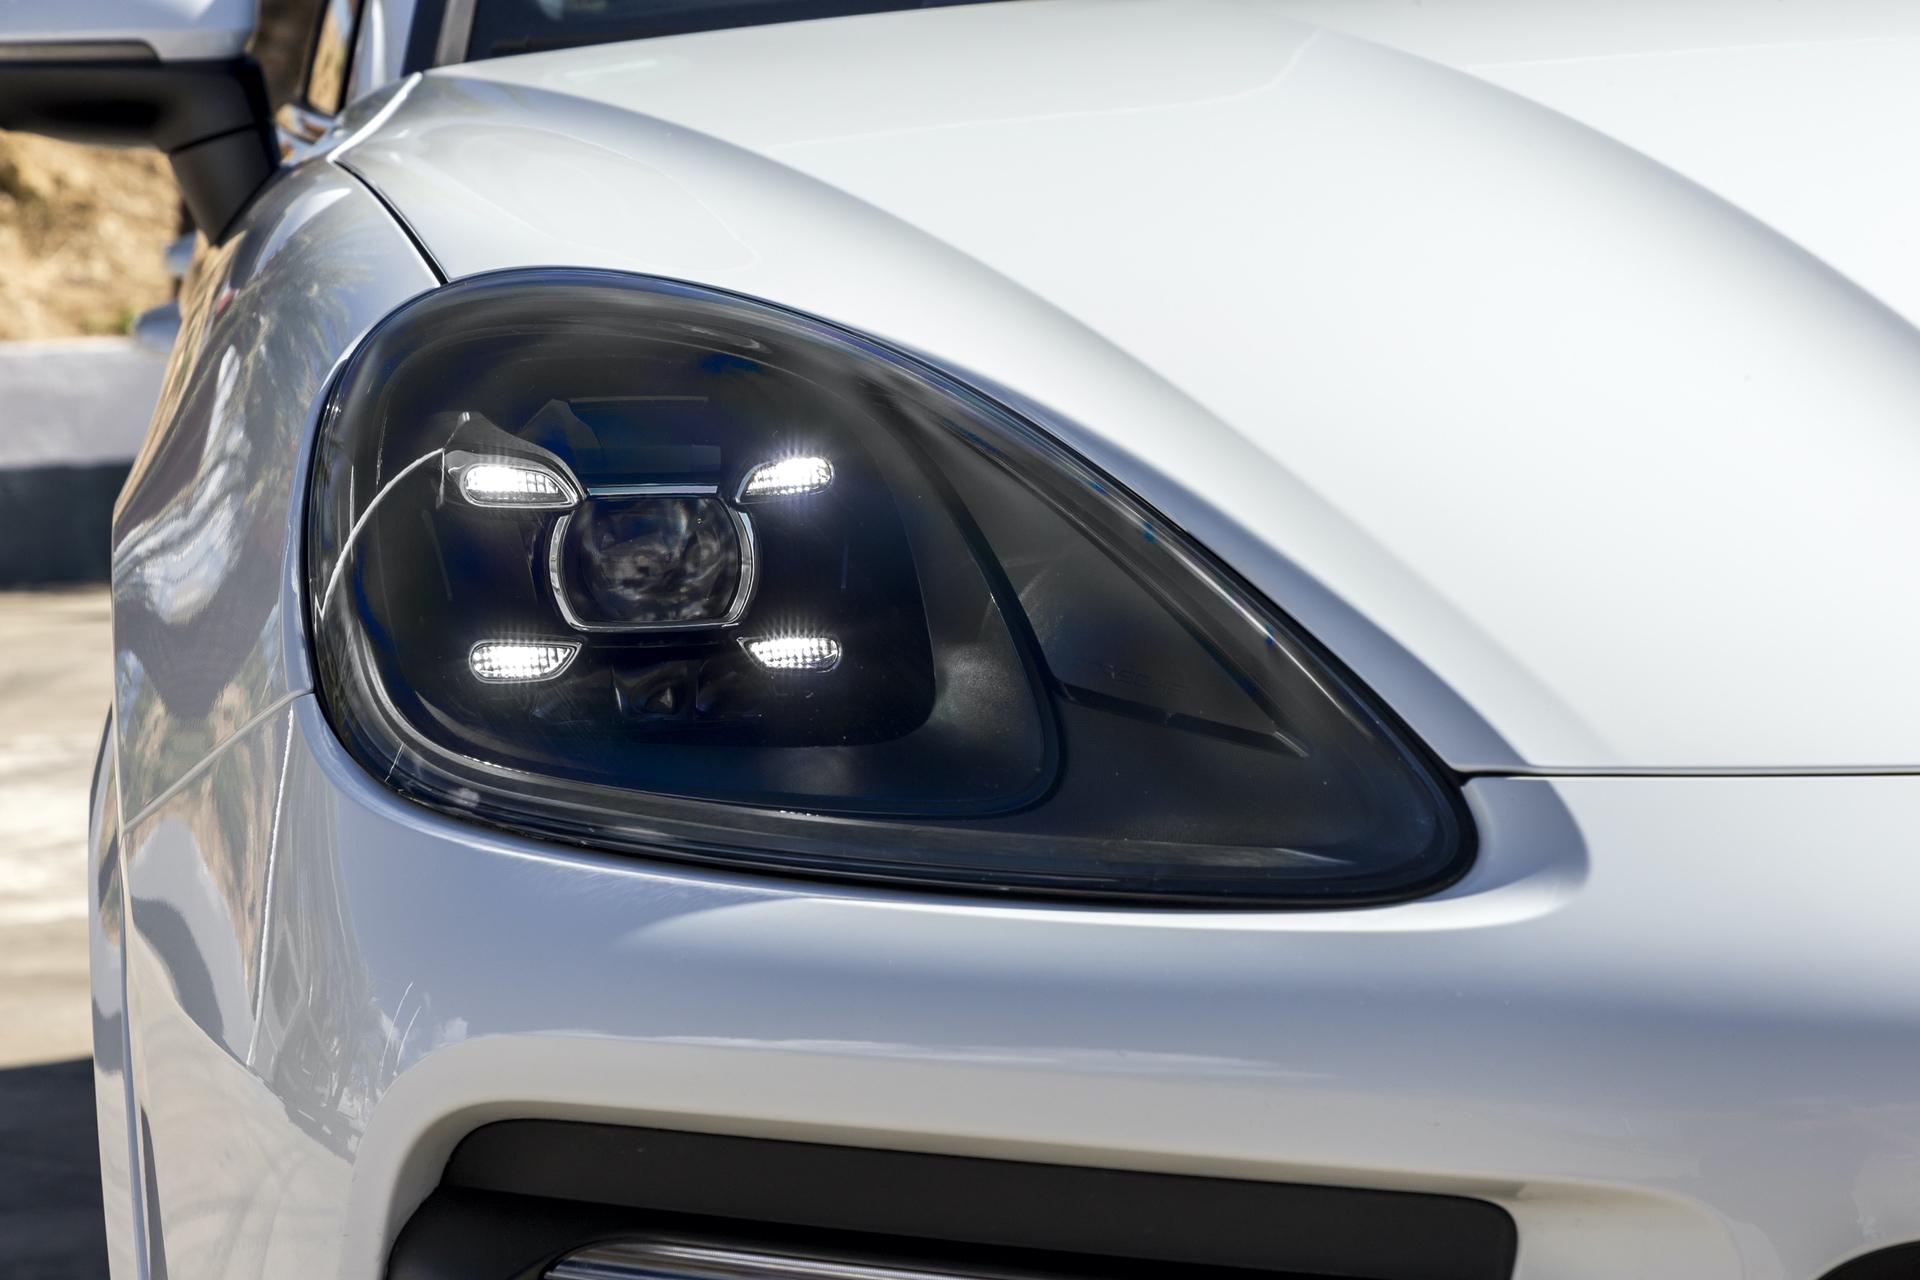 Test_Drive_Porsche_Cayenne_332